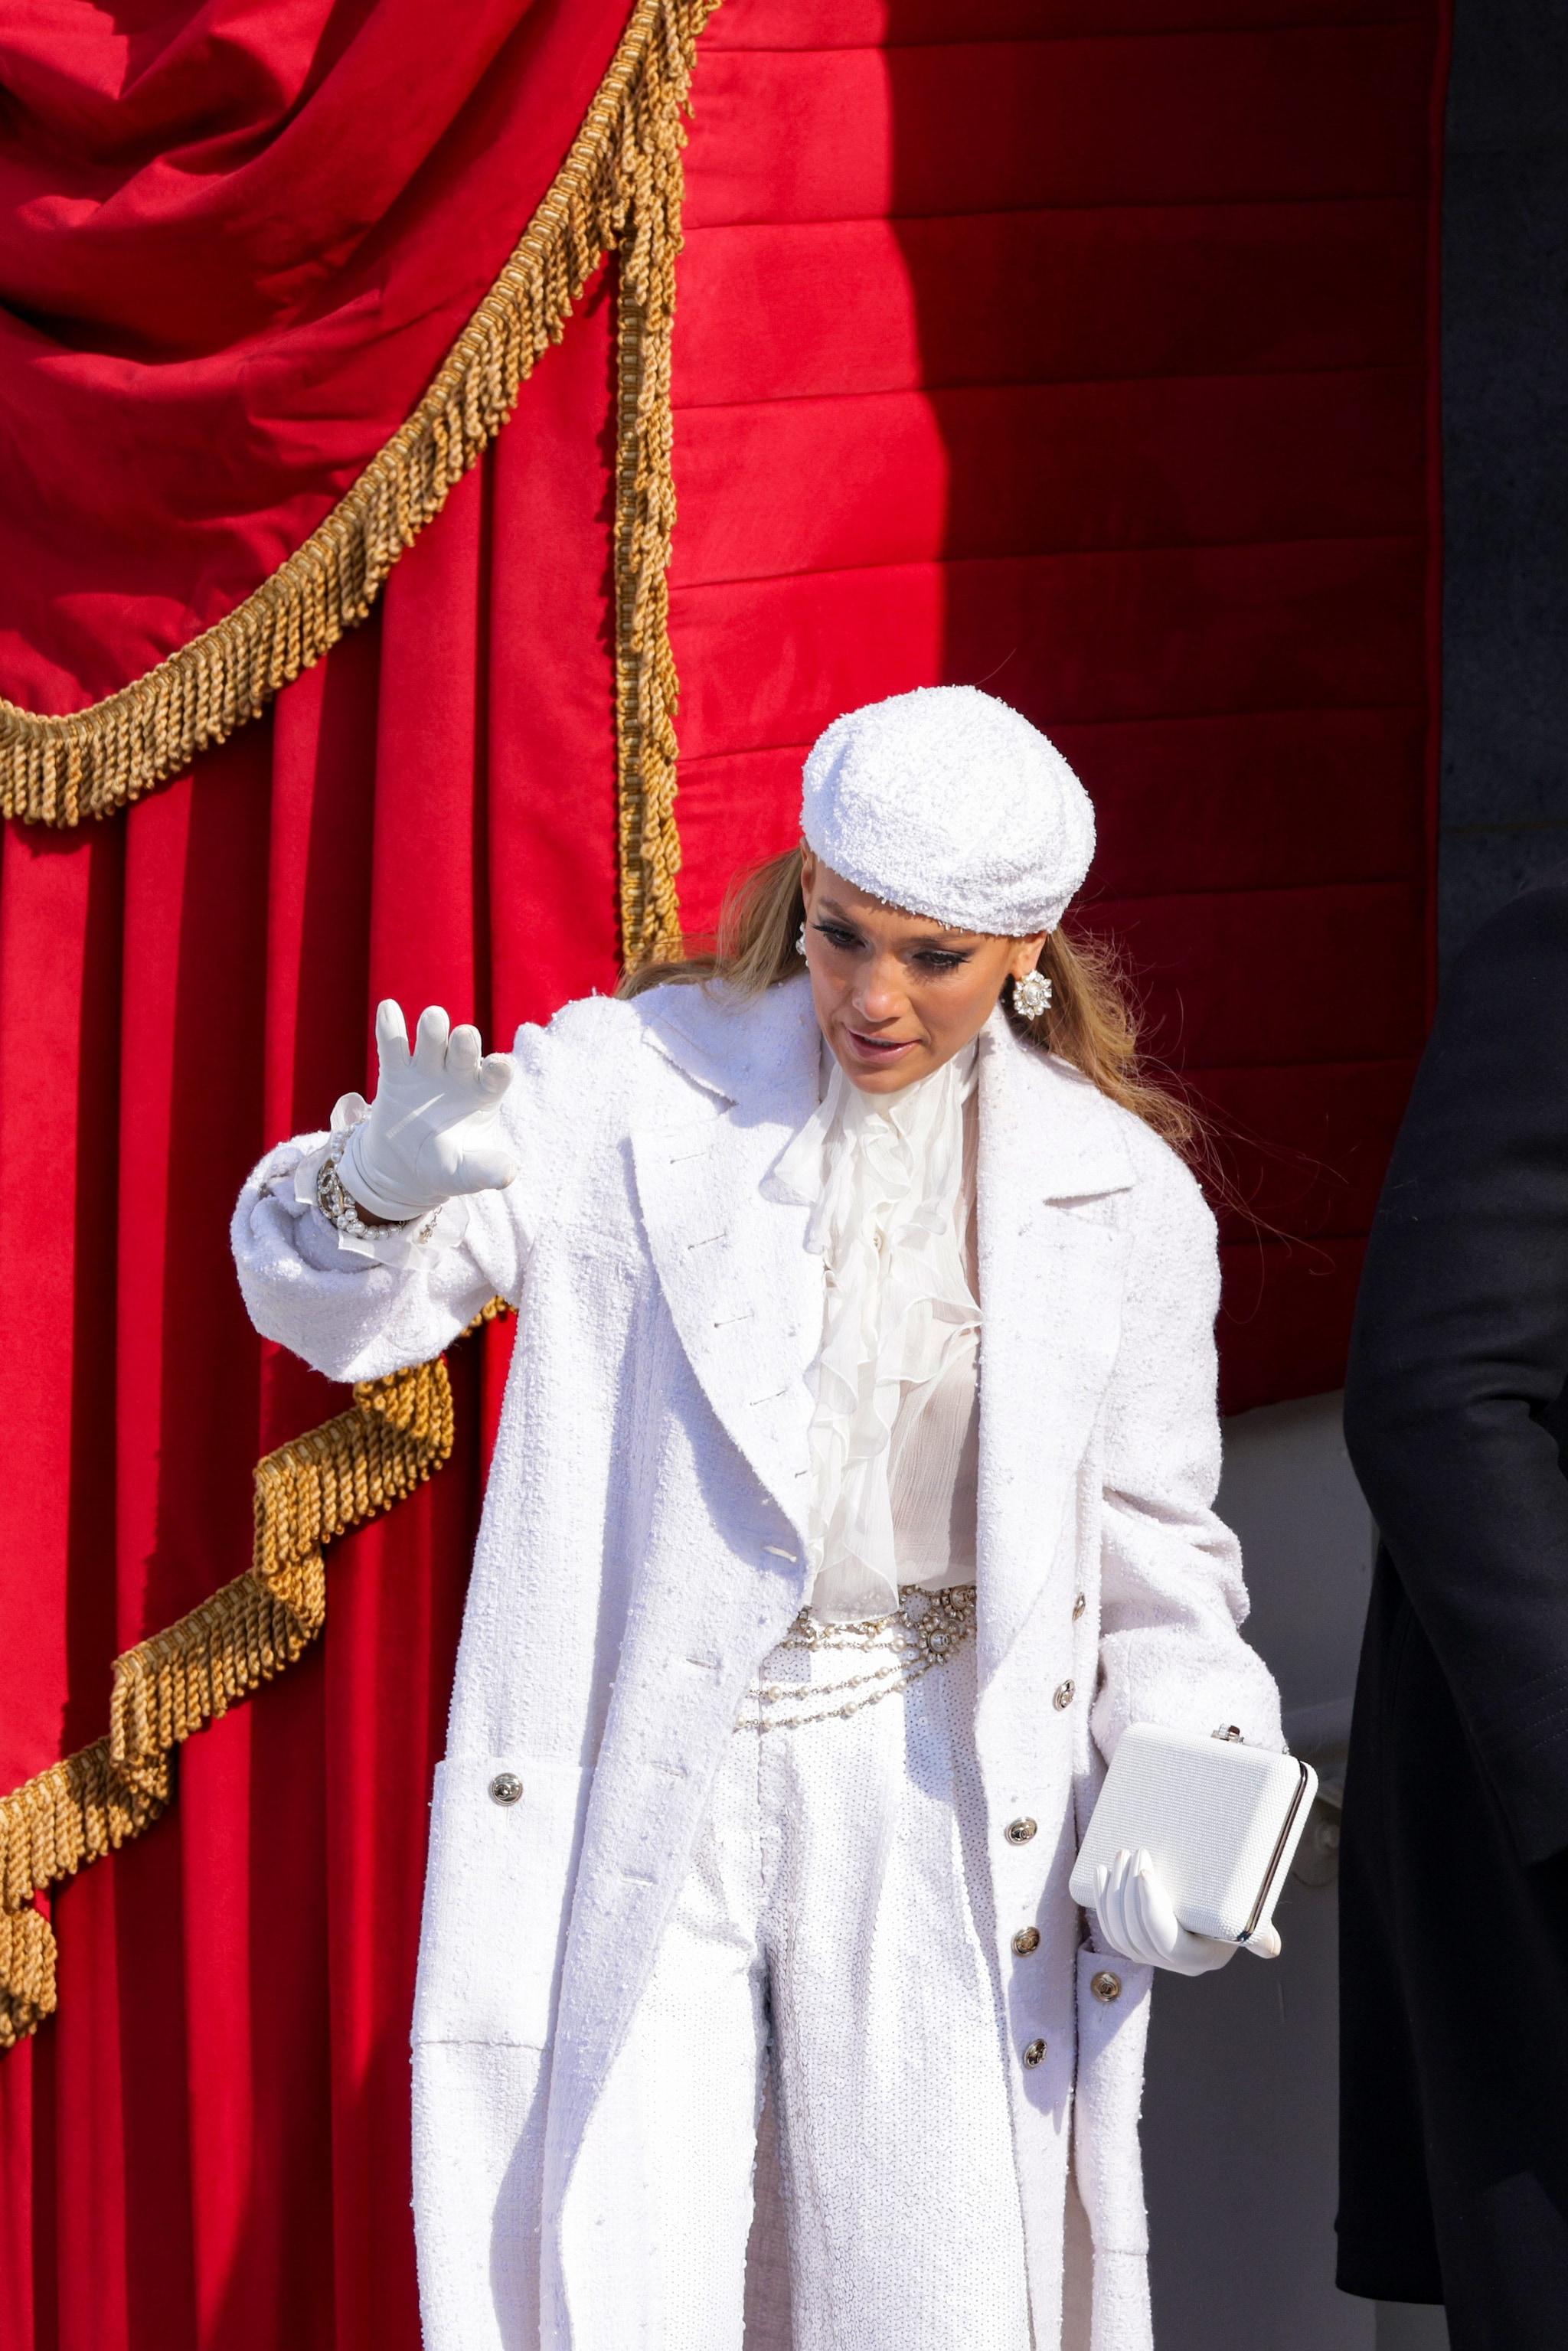 La cantante con look total white firmato Chanel